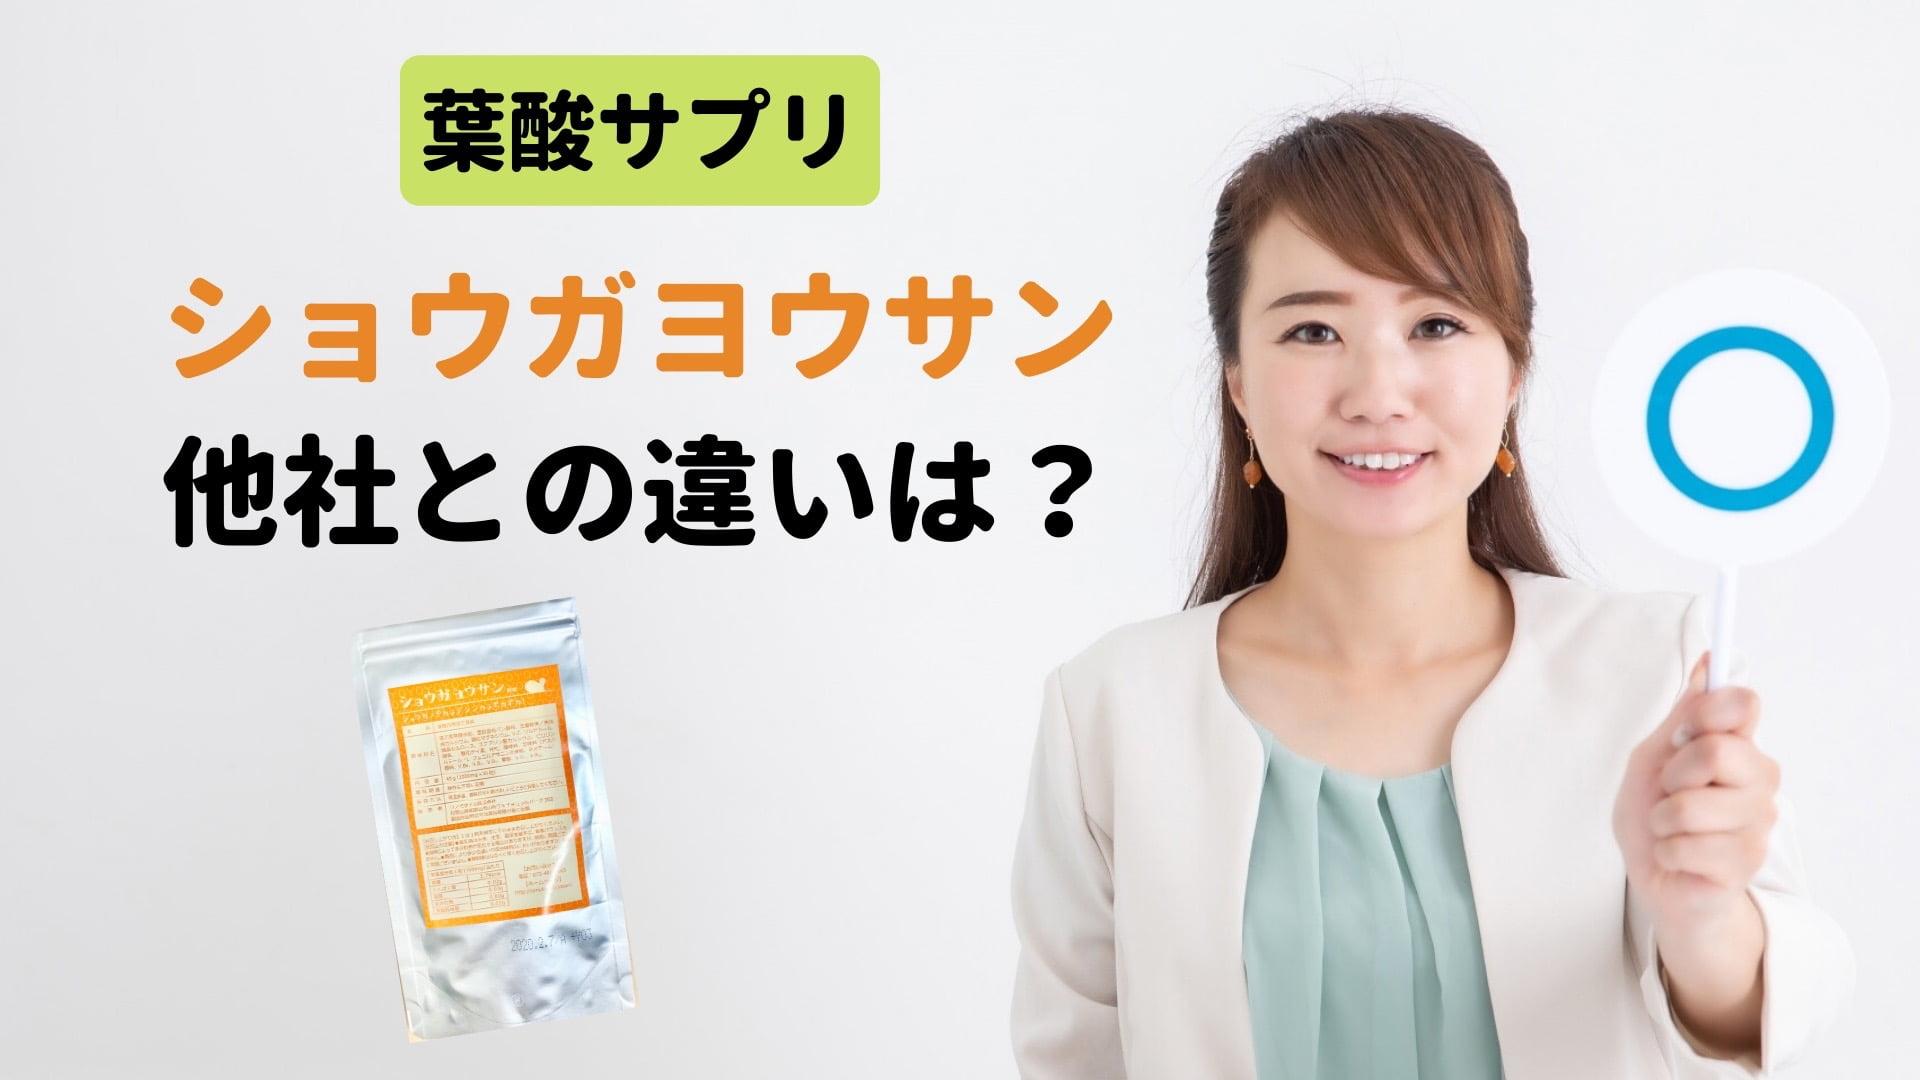 葉酸サプリ「ショウガヨウサン」他社との違いを徹底比較!